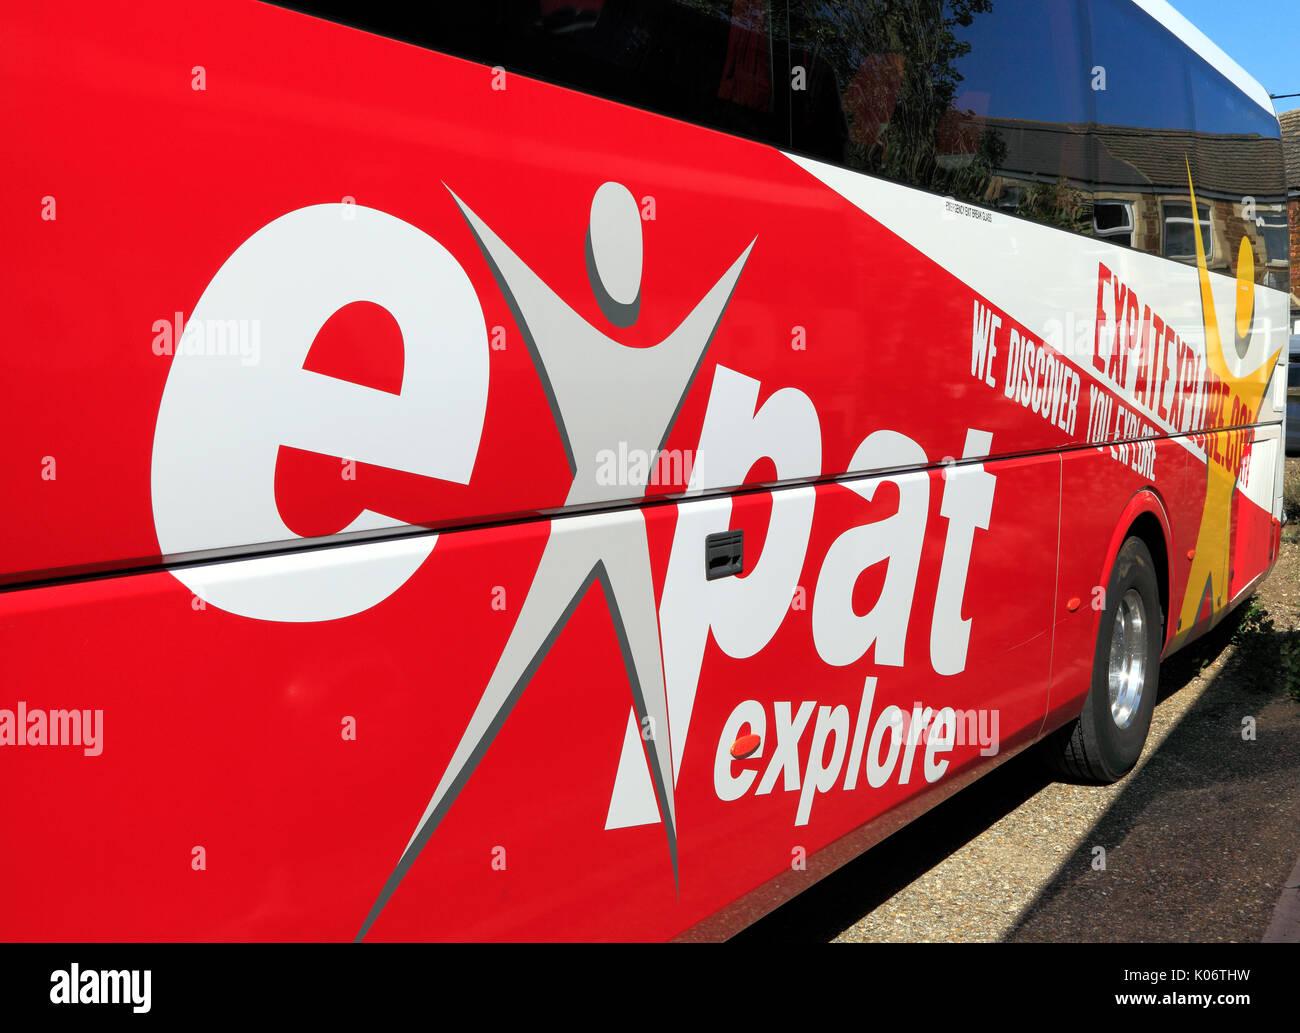 Expat erkunden, Trainer, Coach, Reise, Ausflug, Ausflüge, Ausflug, Ausflüge, Reisen unternehmen, Unternehmen, Verkehr, Urlaub, England, Großbritannien Stockbild